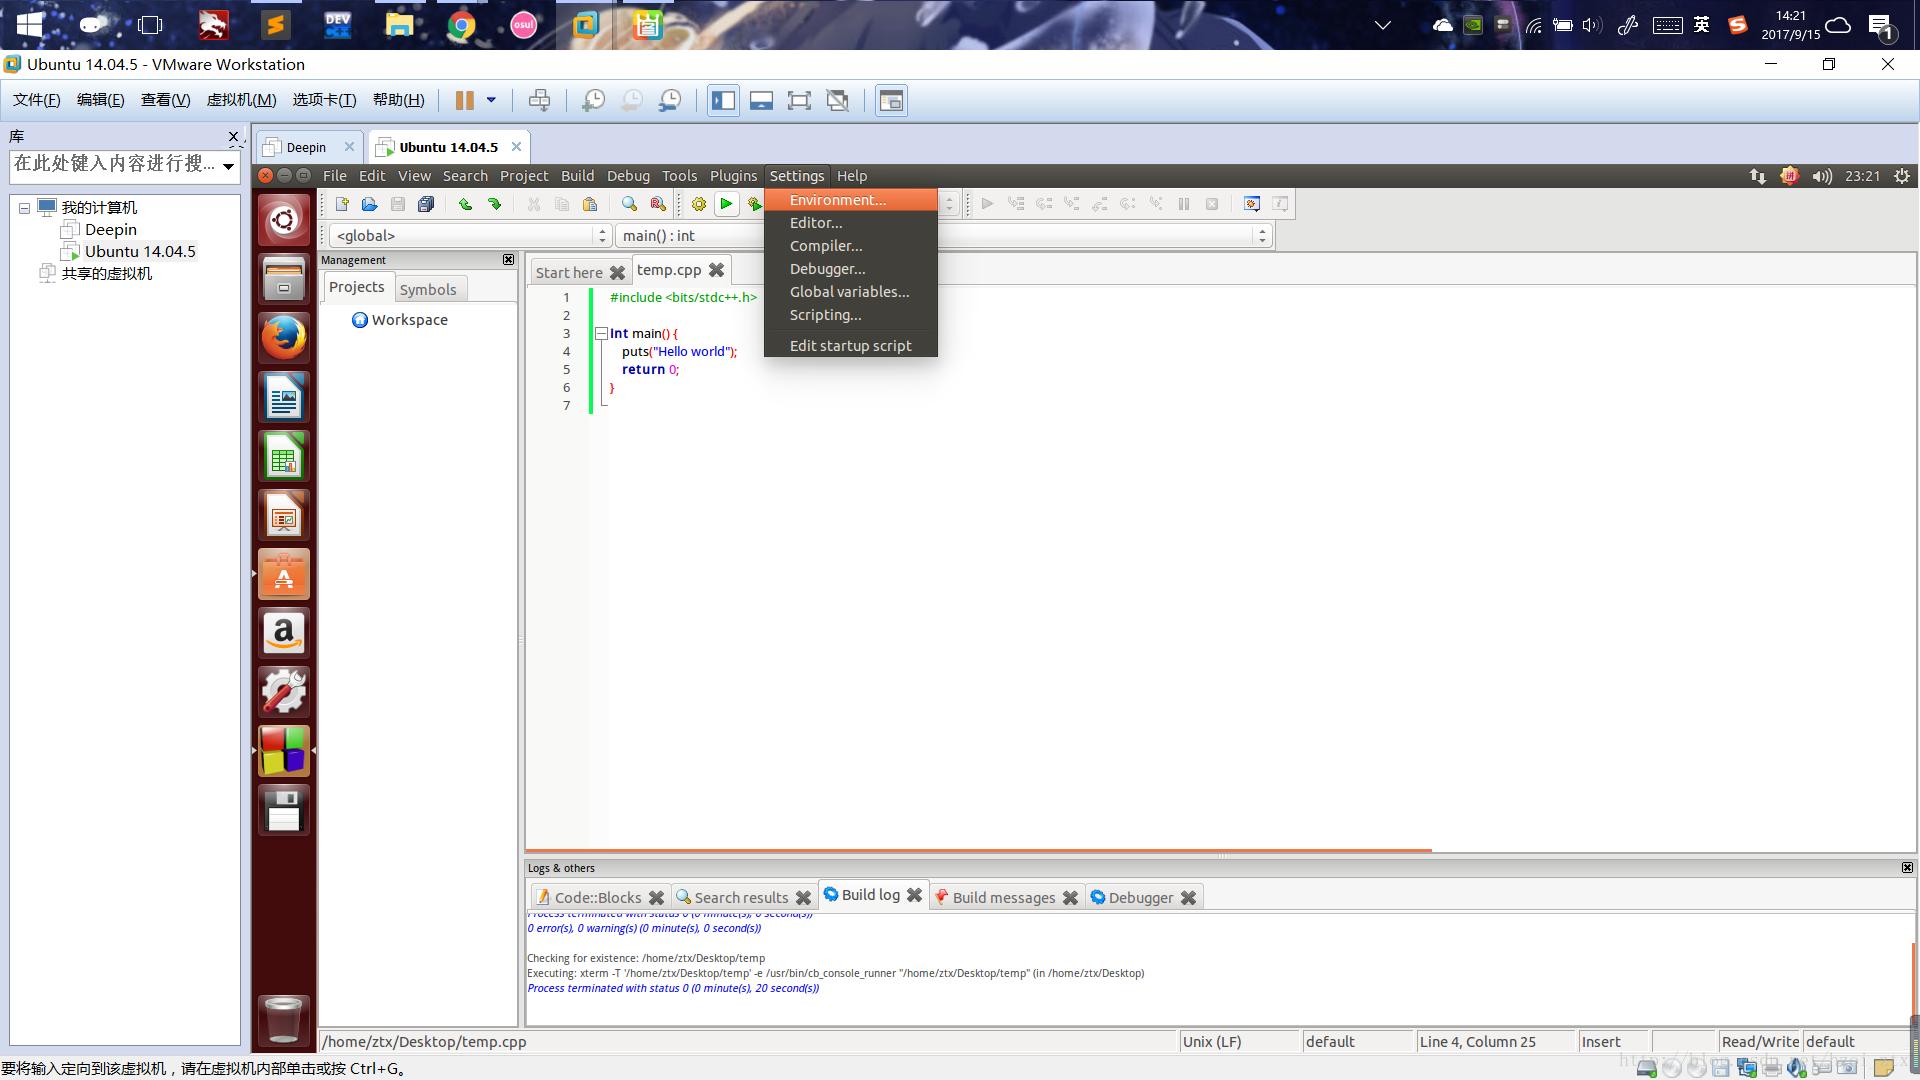 在虚拟机中安装Ubuntu 14 04 5 Desktop并安装Code::Blocks及一些其它软件